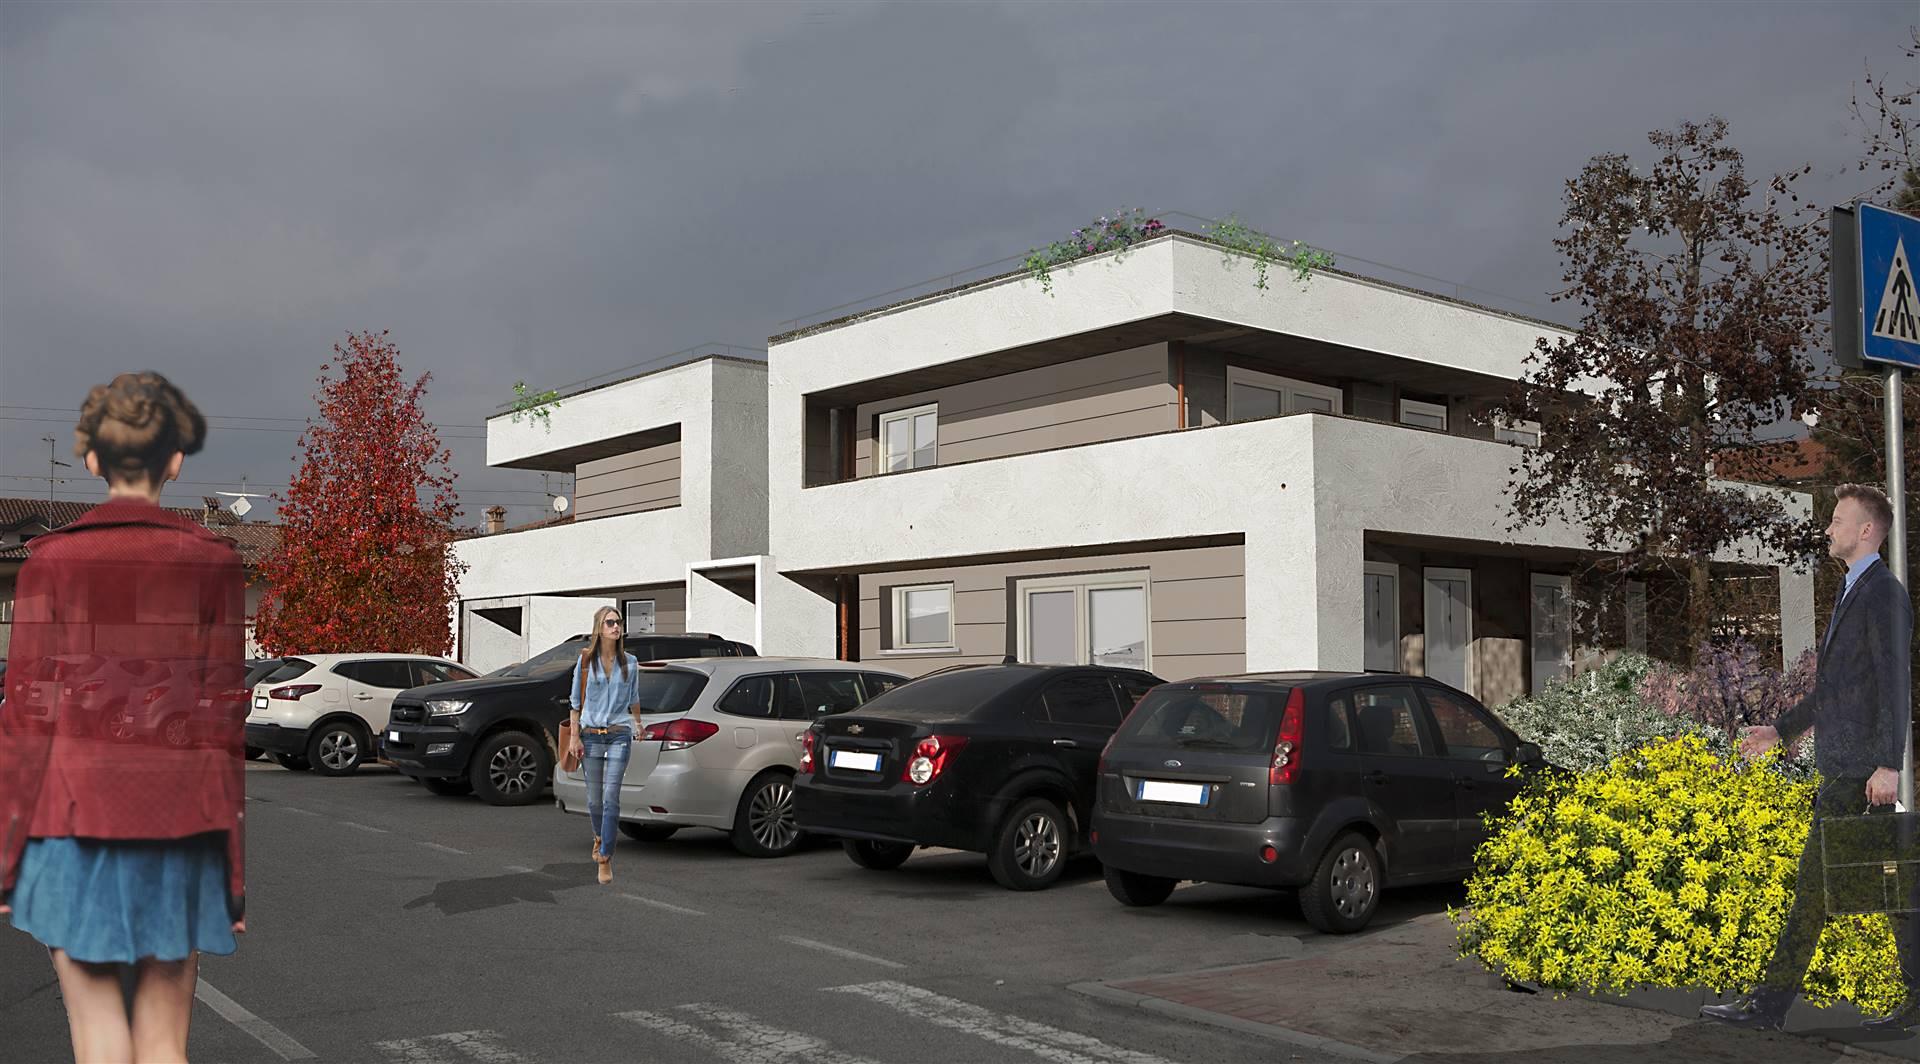 MILANO EST, TREZZANO ROSA, Dachwohnung zu verkaufen von 170 Qm, Neubau, Heizung Bodenheizung, Energie-klasse: A1, am boden 1° auf 1, zusammengestellt